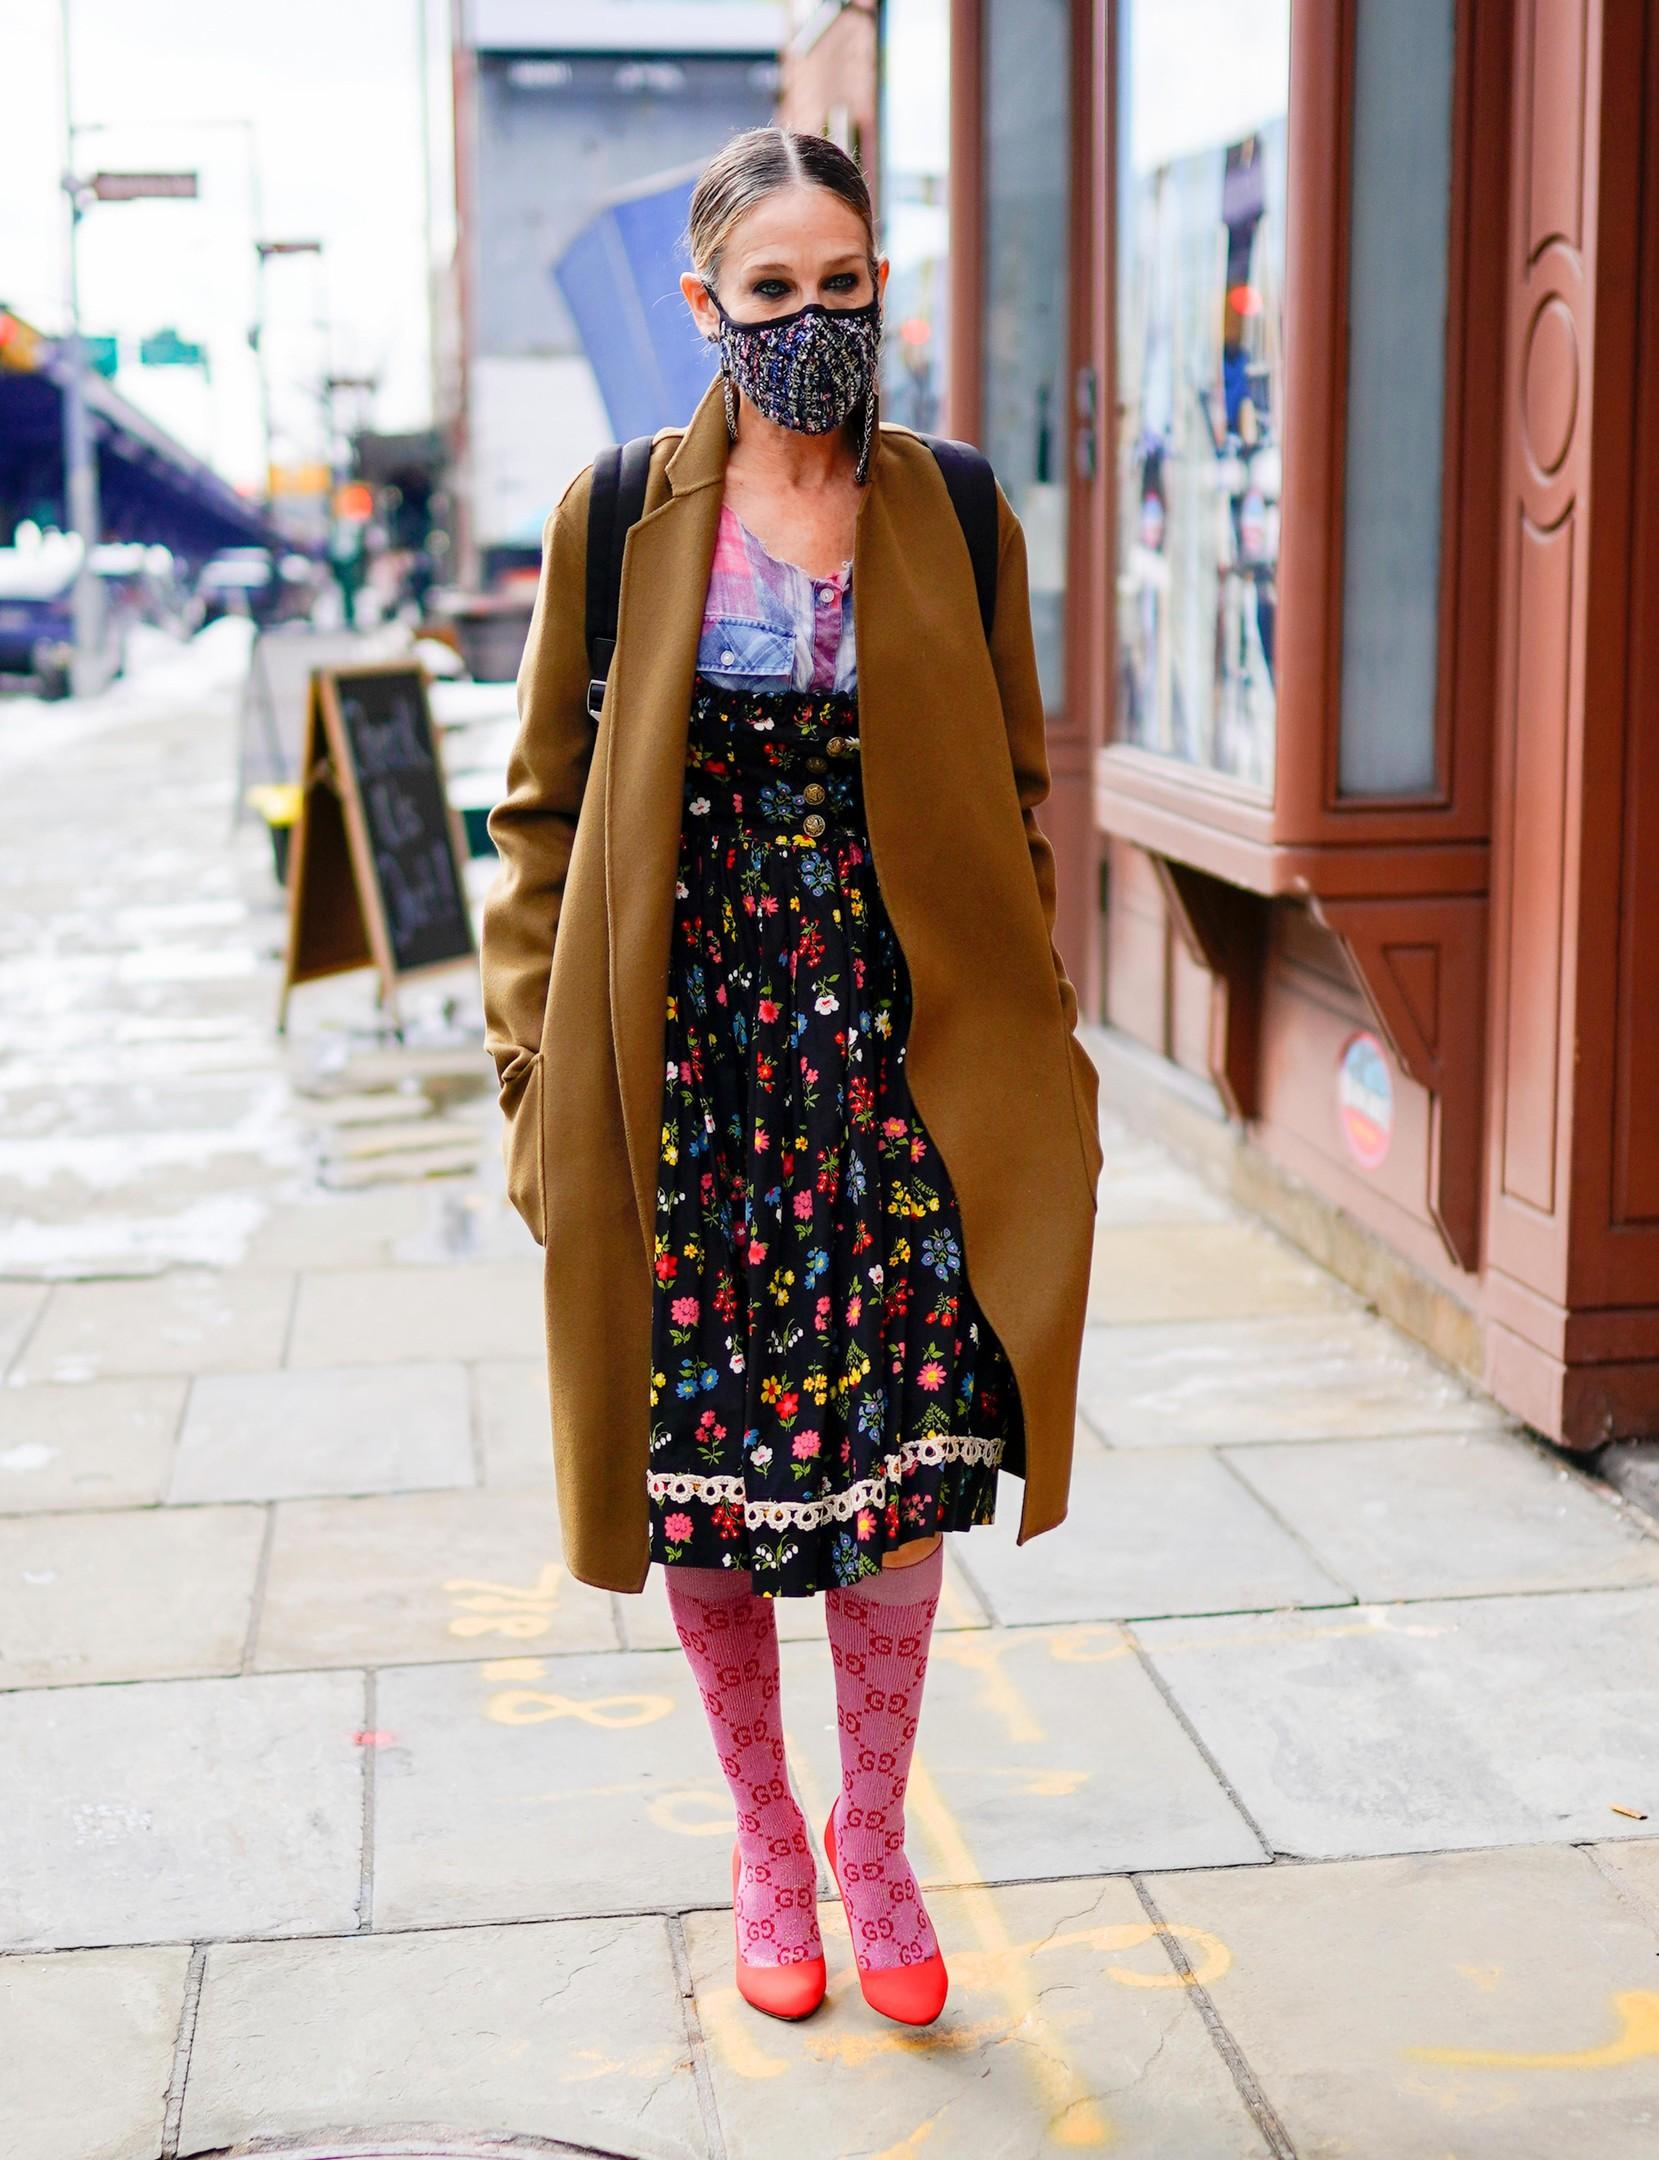 Сара Джессика Паркер в сарафане с цветочным принтом